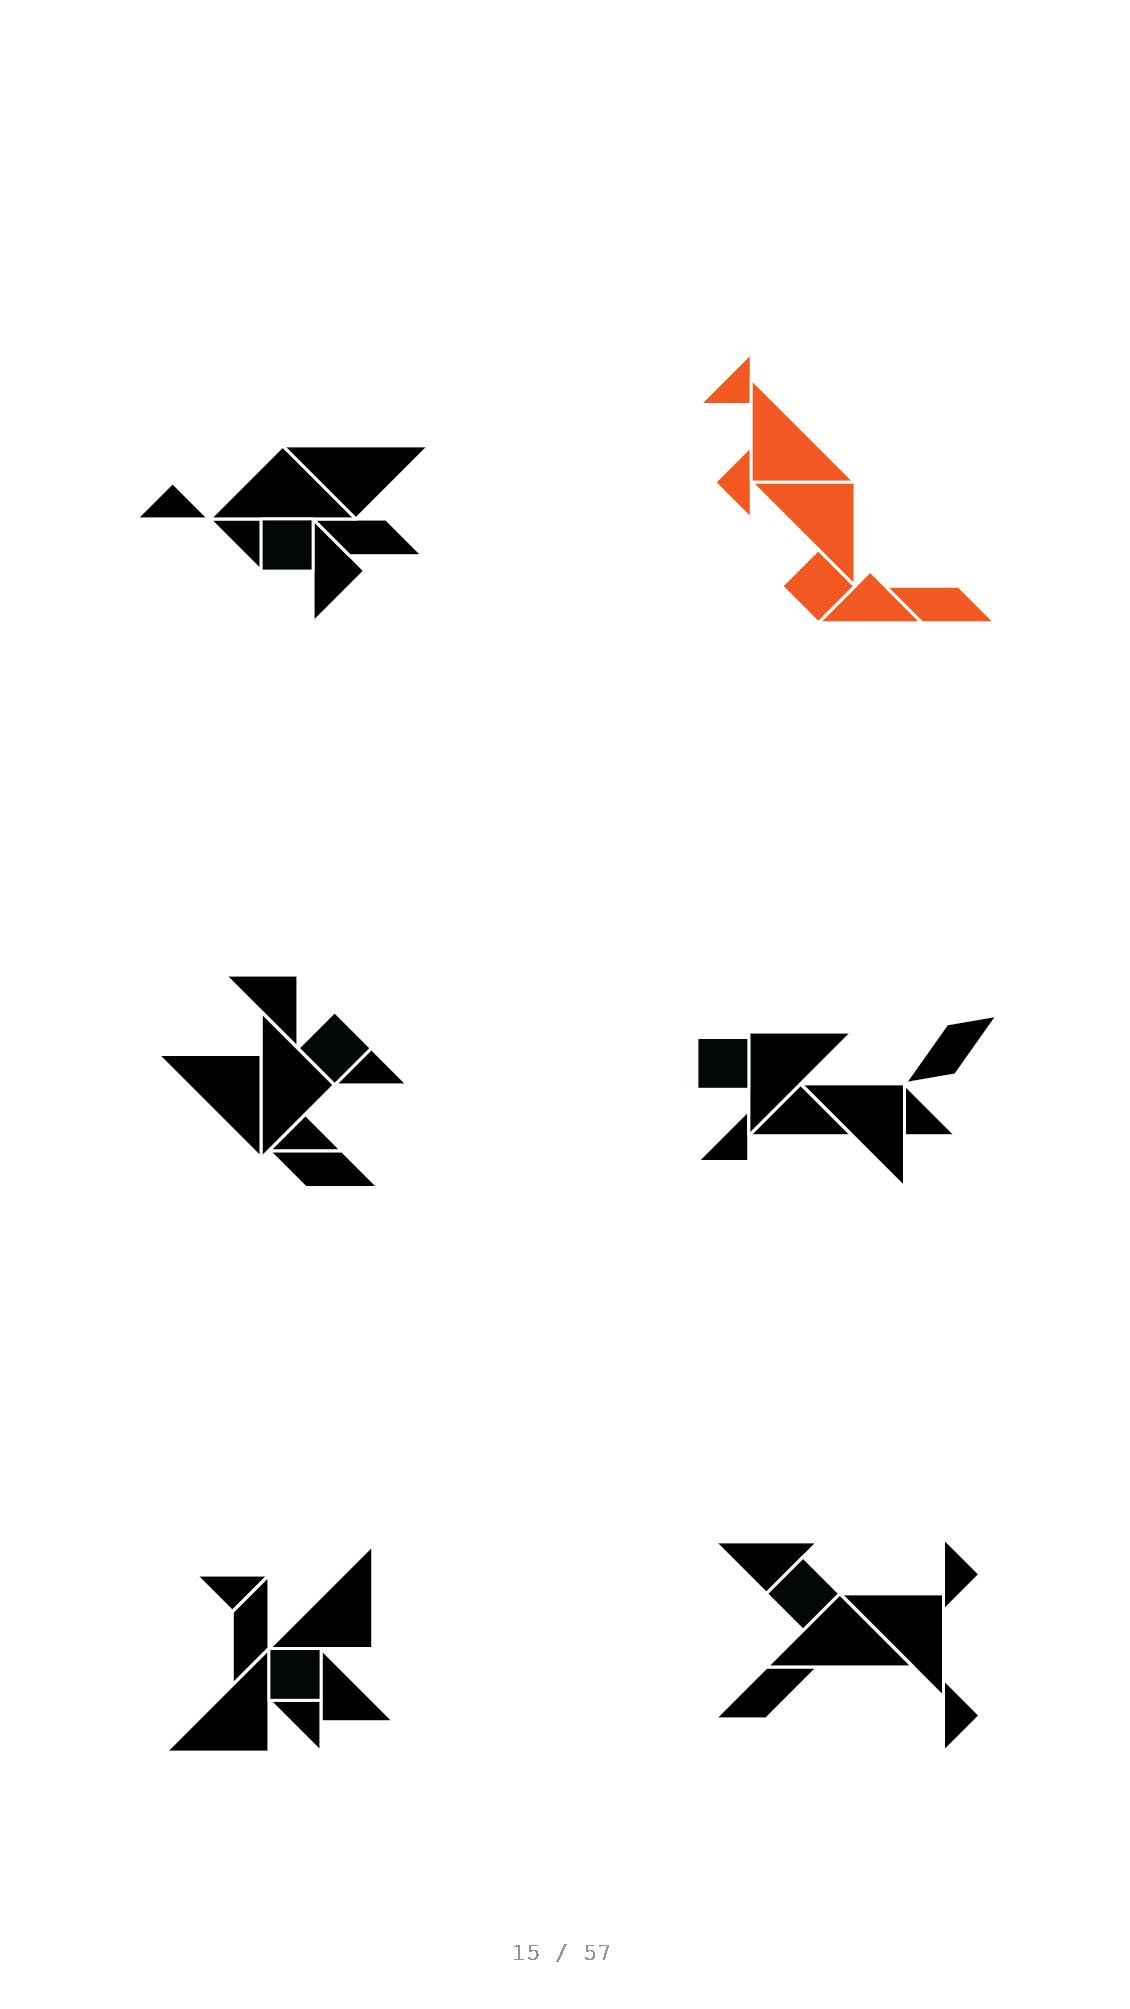 Tangram_Layout_2x3_schwarz-15